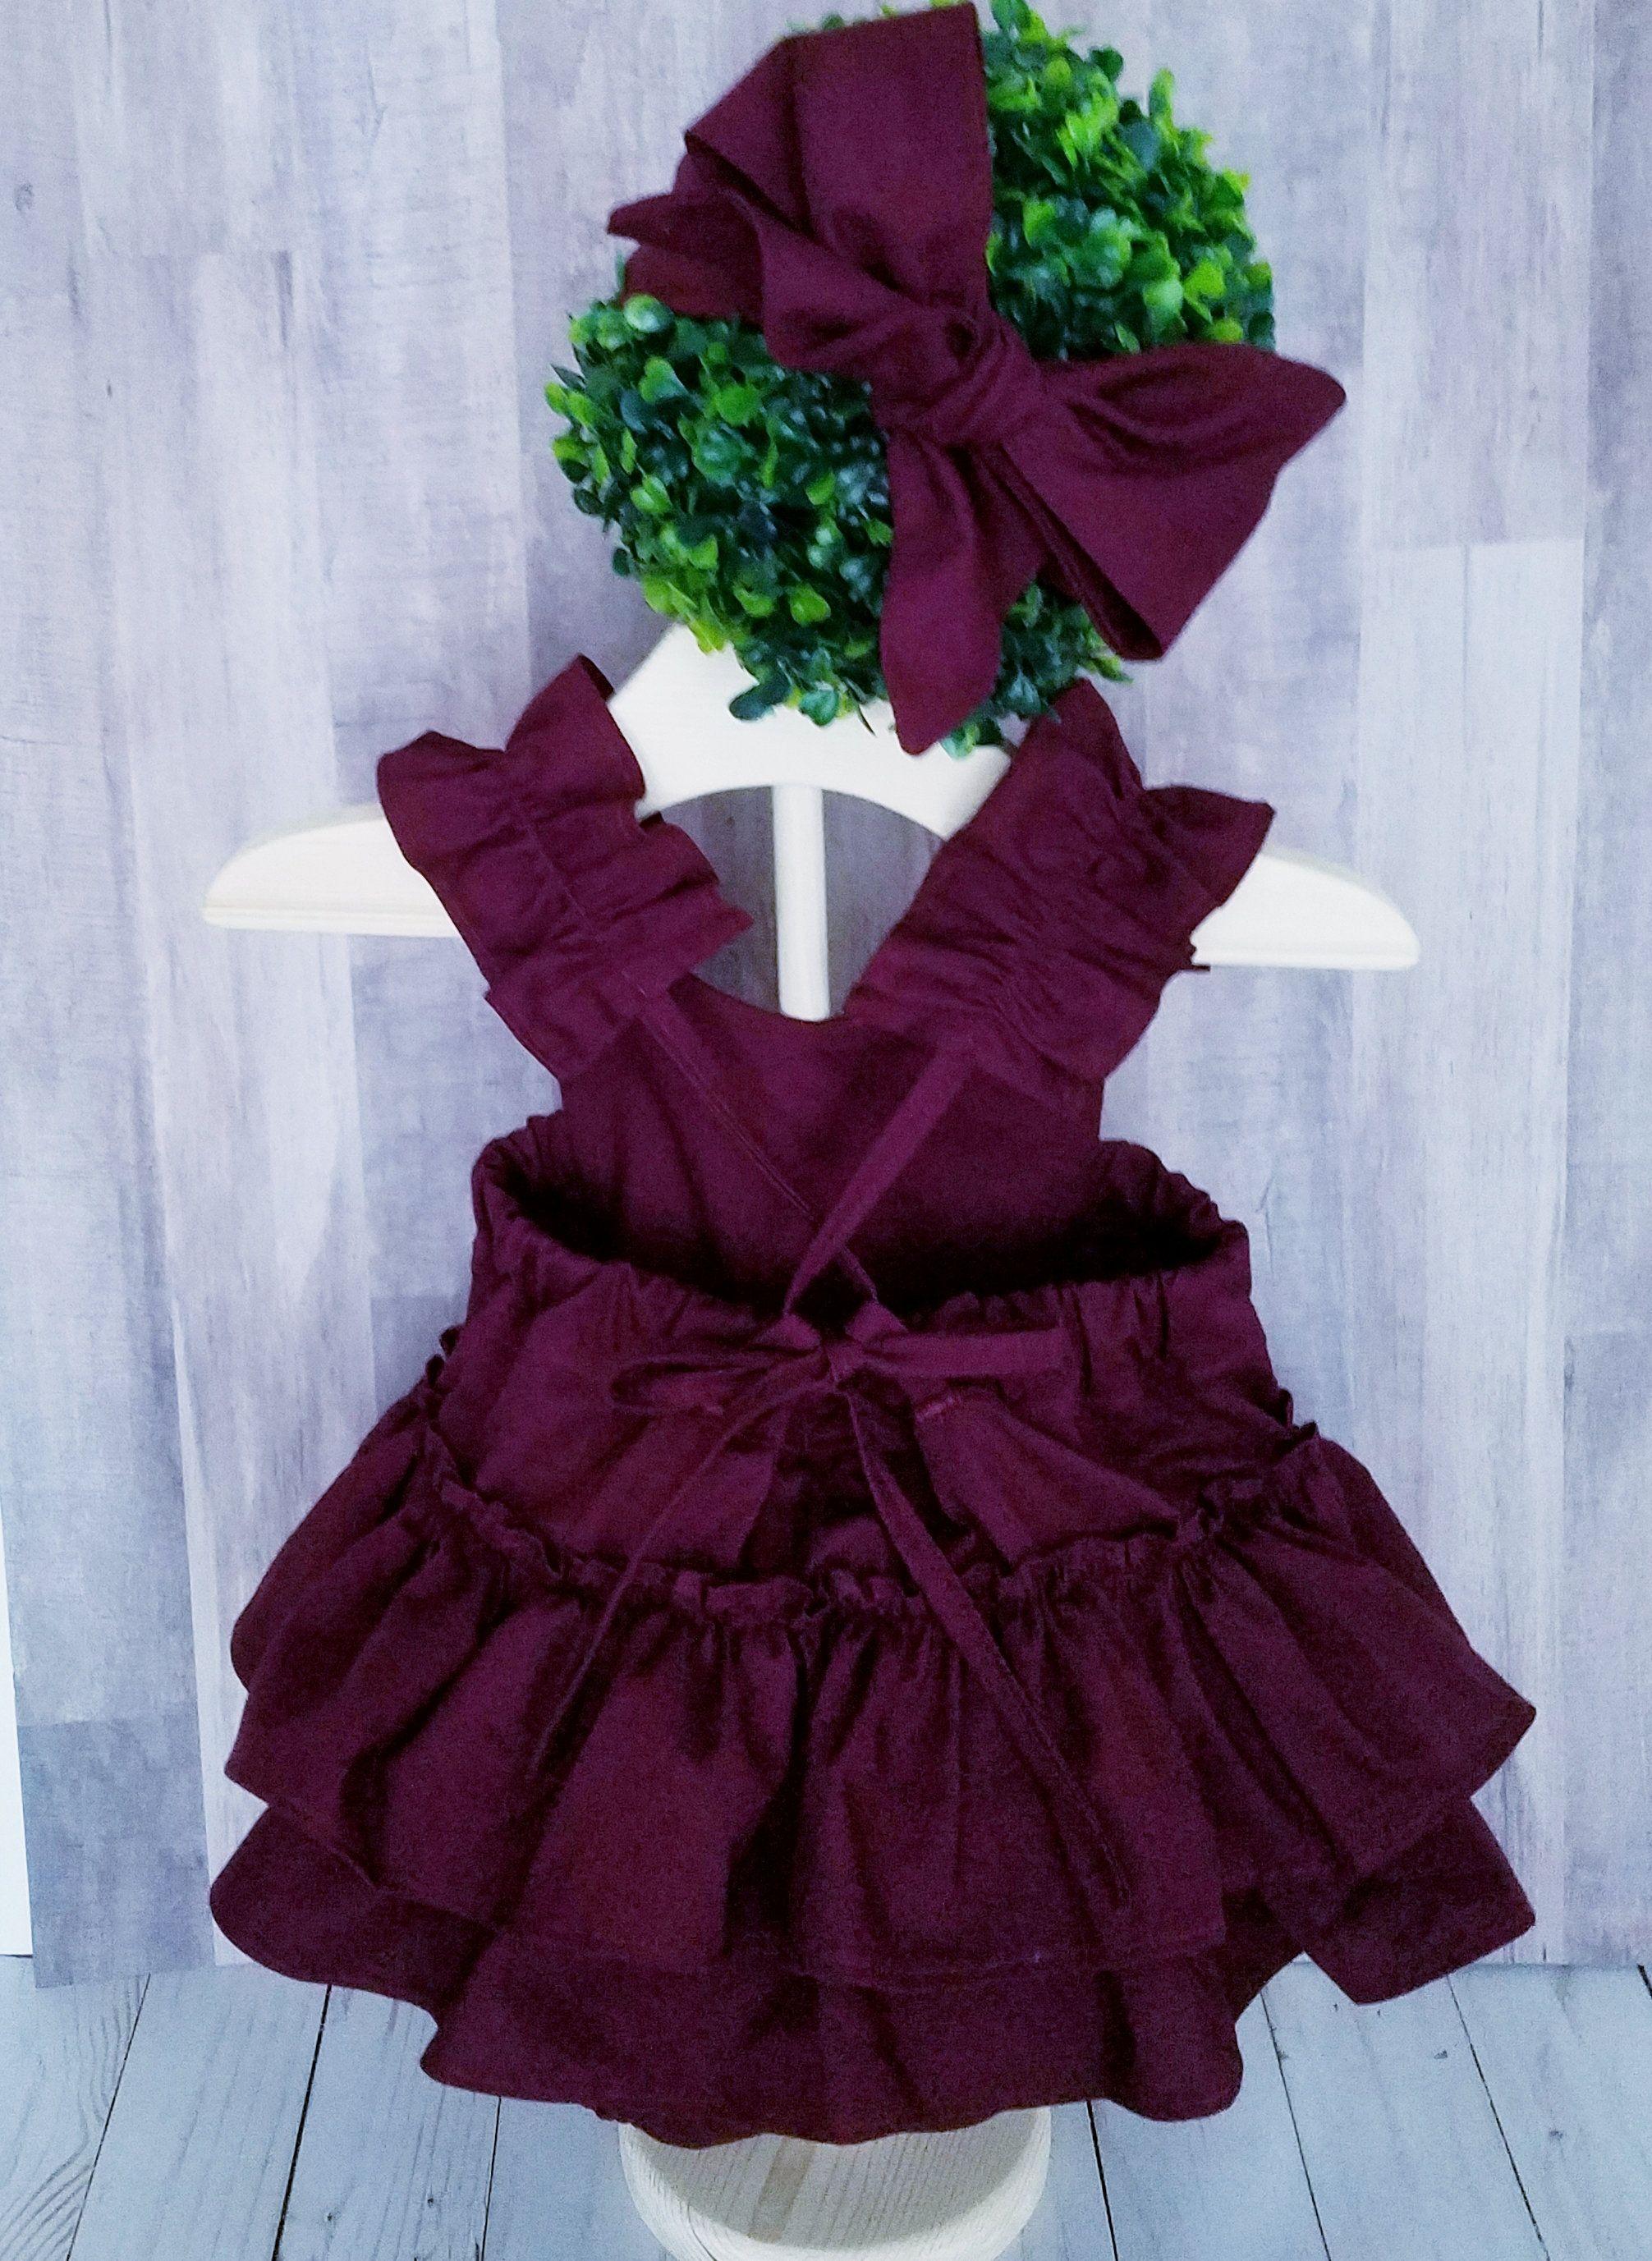 d48532930d3 Baby Girls Romper-Burgundy Romper-boho baby romper-Shabby chic Romper-Dark  Plum-Smash cake outfit-1st Birthday Romper-Baby Girls Fall Romper by ...